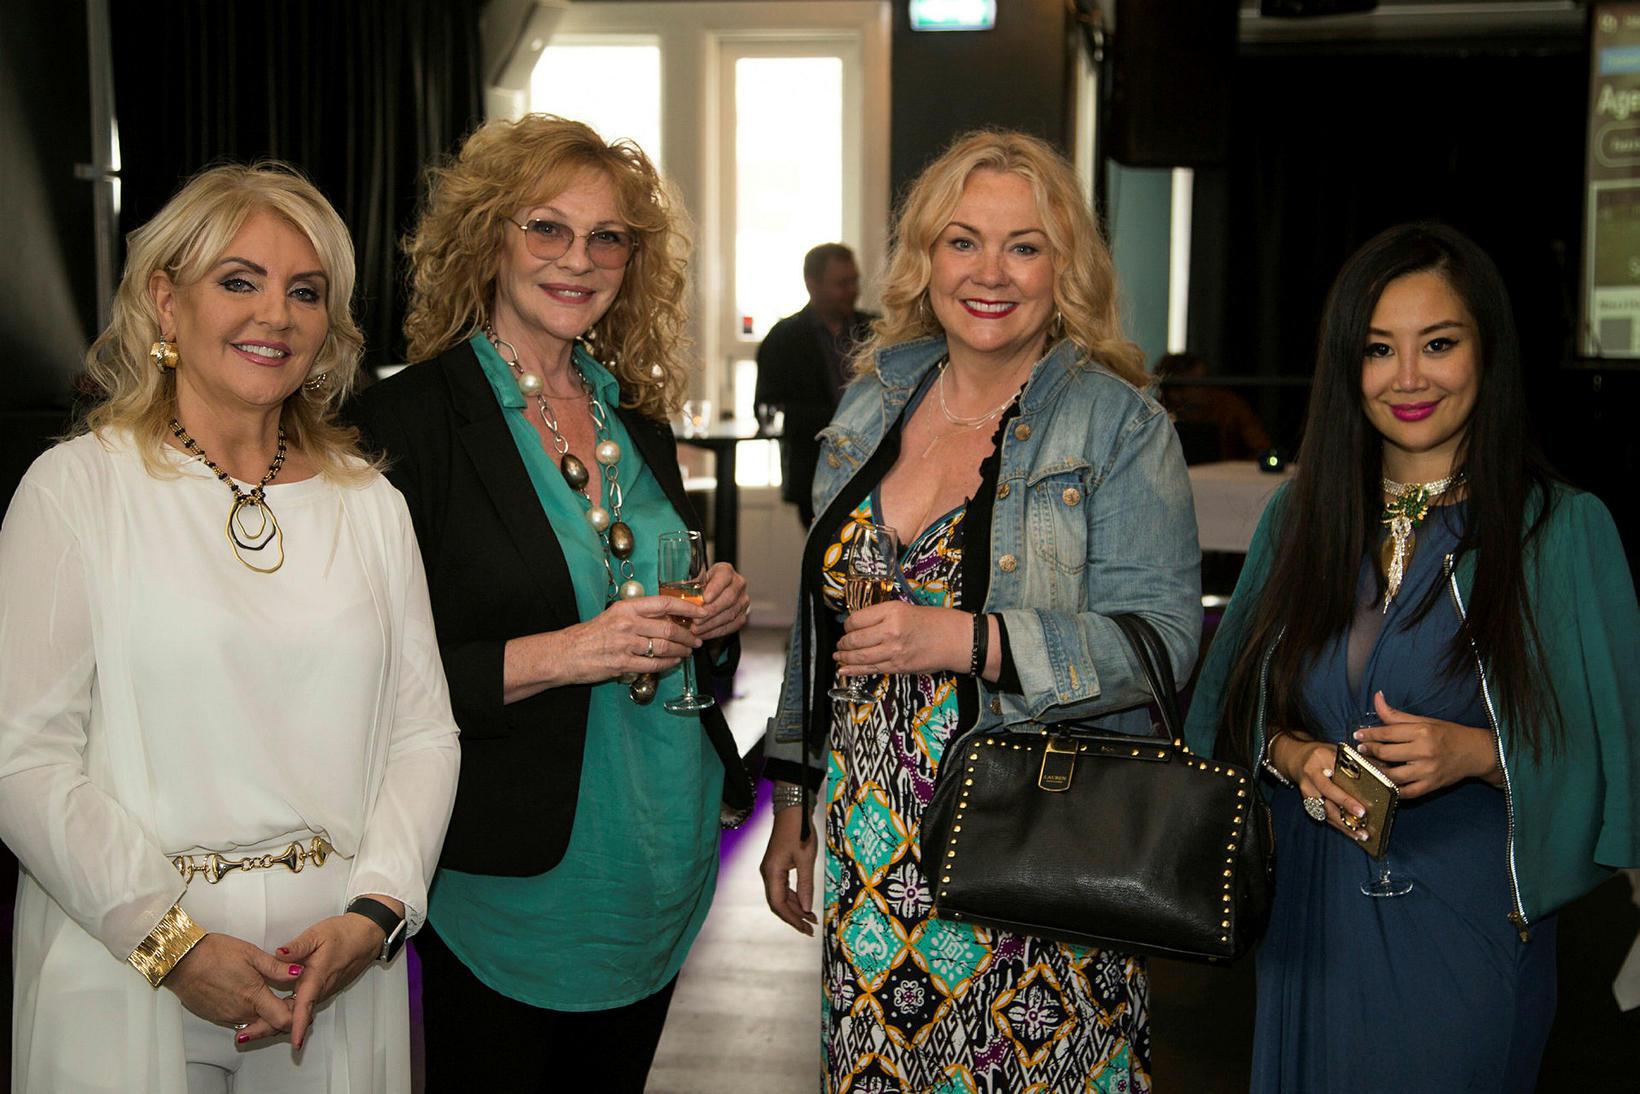 Linda Baldvinsdóttir, Íris Sveinsdóttir, Elsa Waage og Grace Bian.